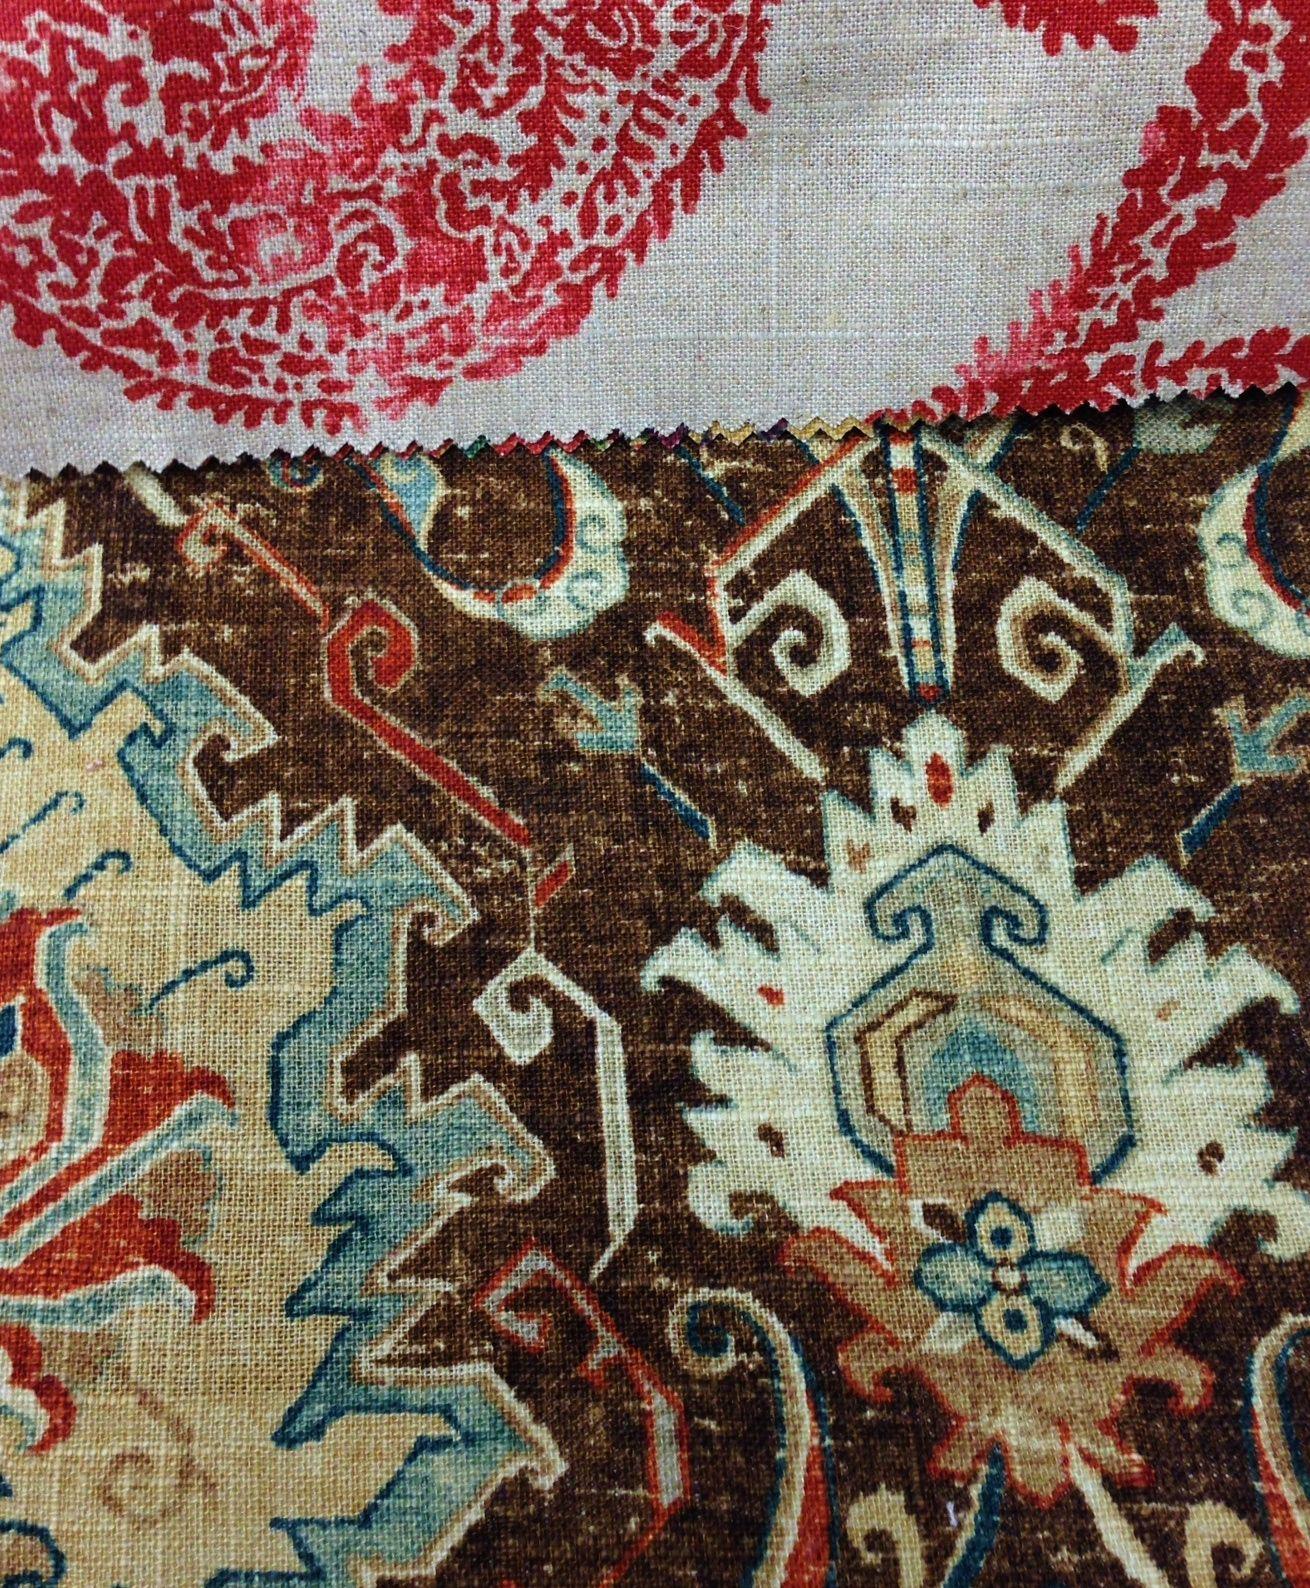 Top: Vinland Estate, Henna Red. Bottom: Casa Mila, Wild Turkey.